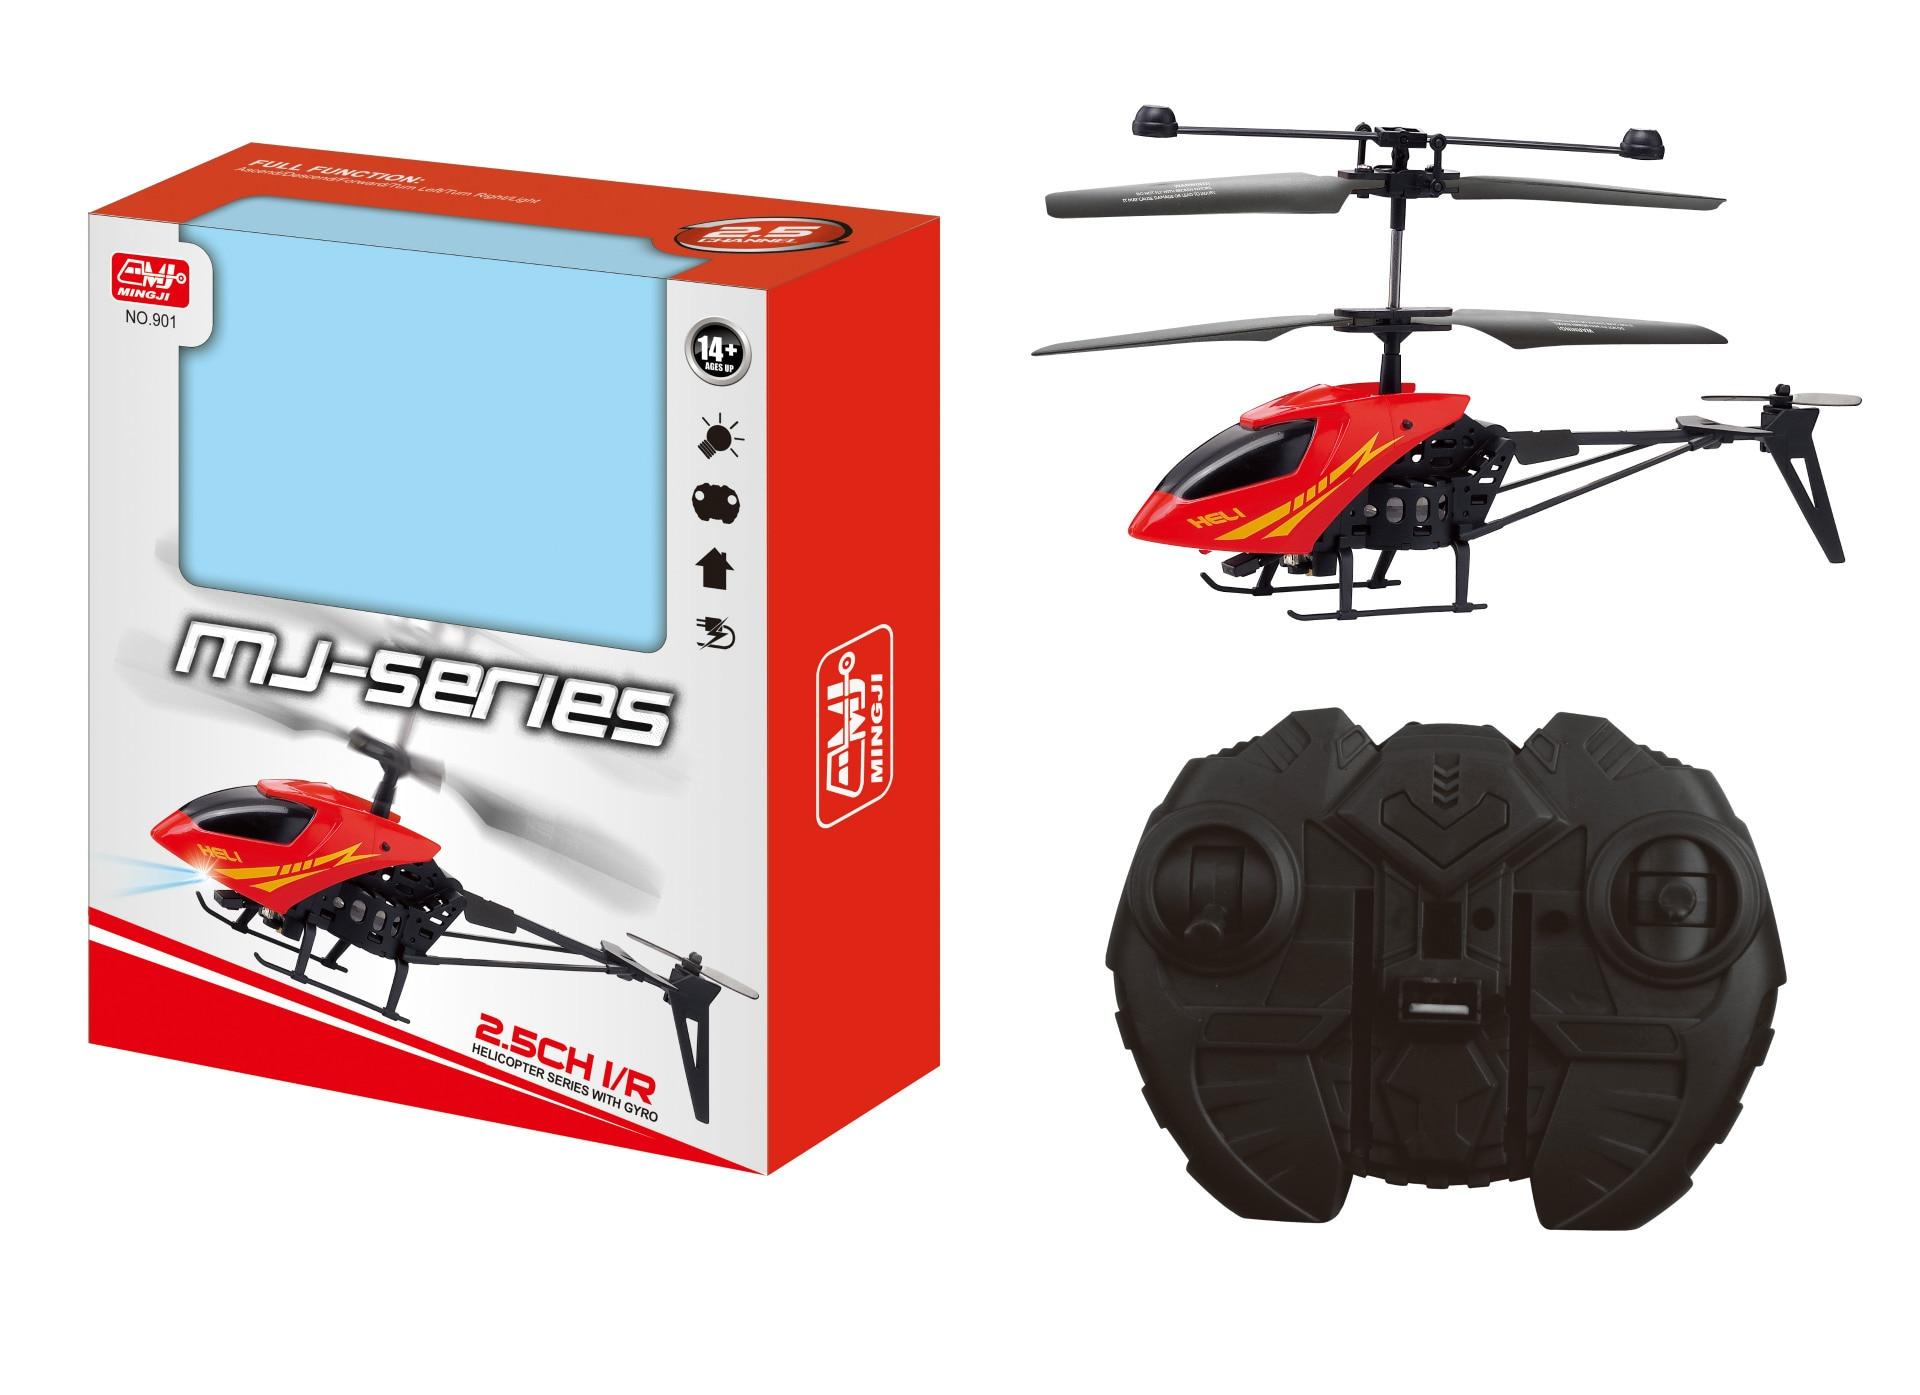 КОО! Домашний мини-вертолет с дистанционным управлением Hobby, со встроенным гироскопом